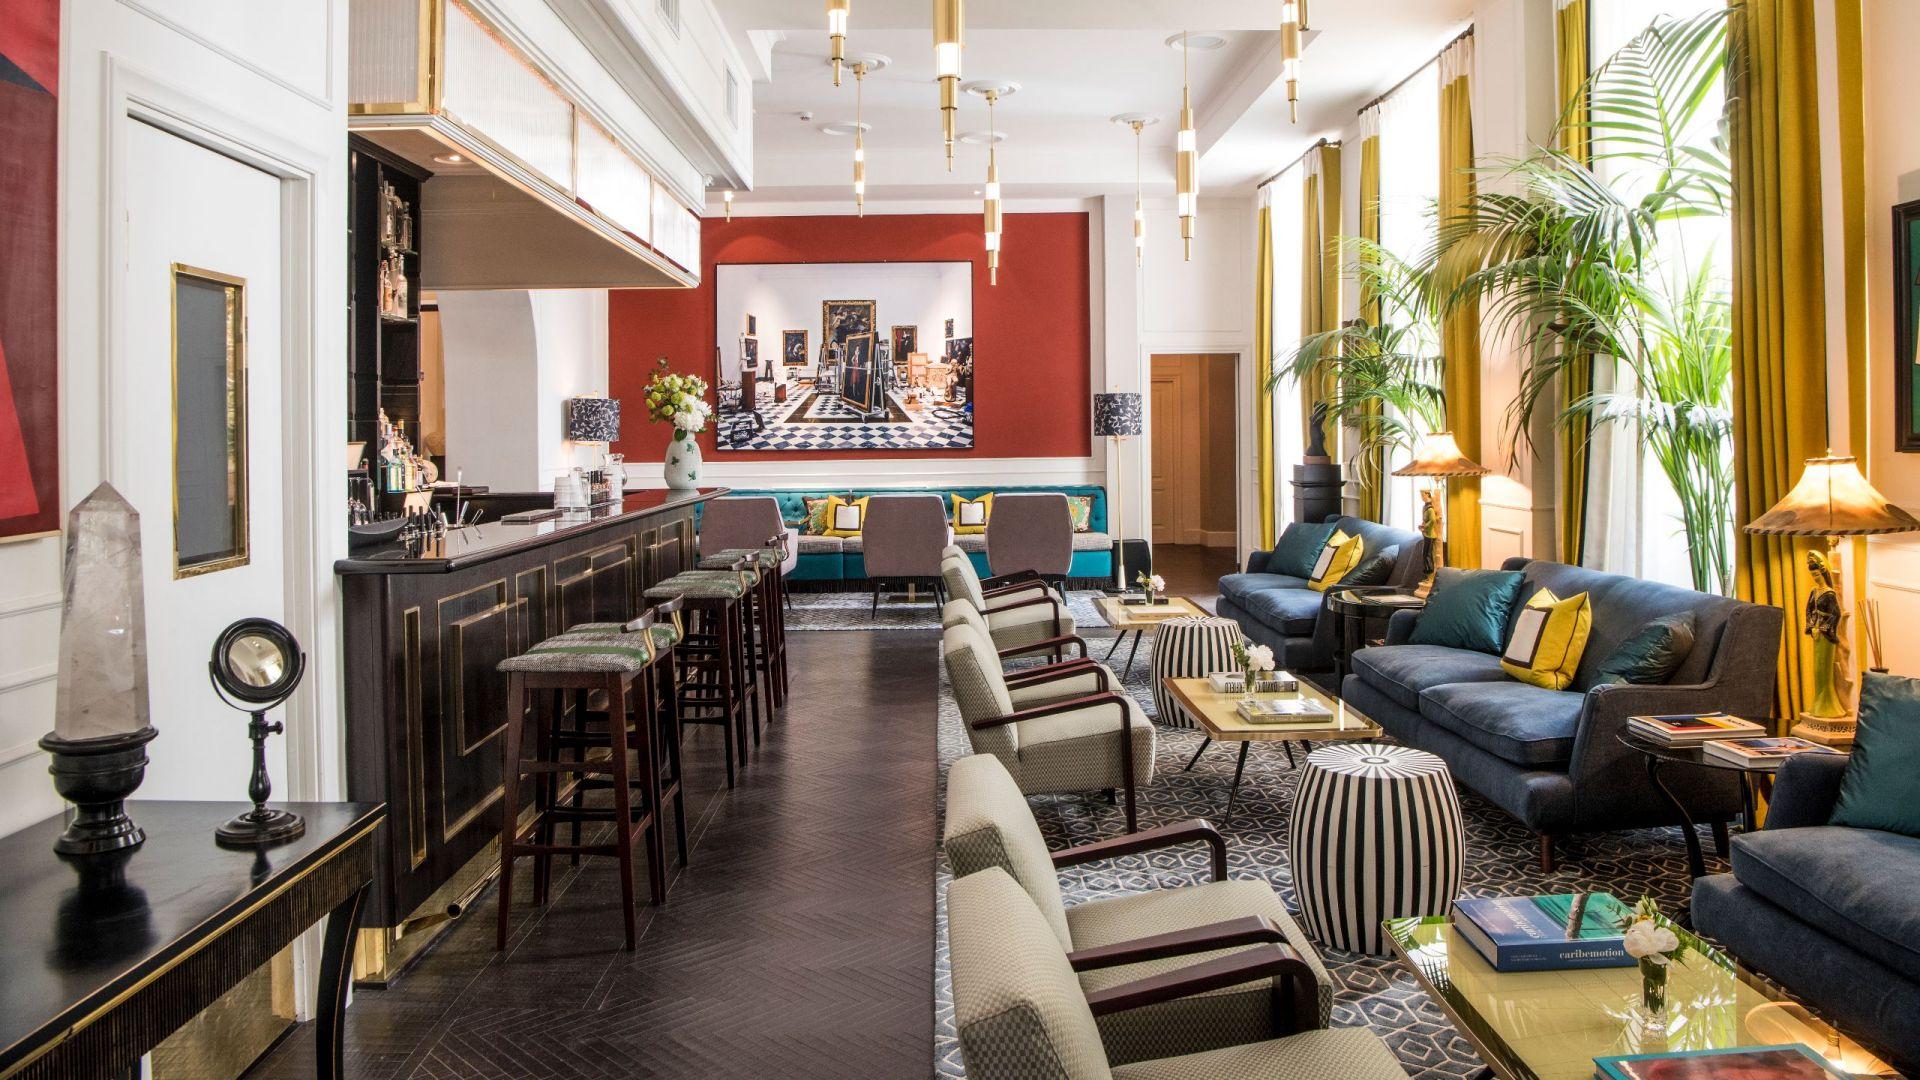 The lobby and bar